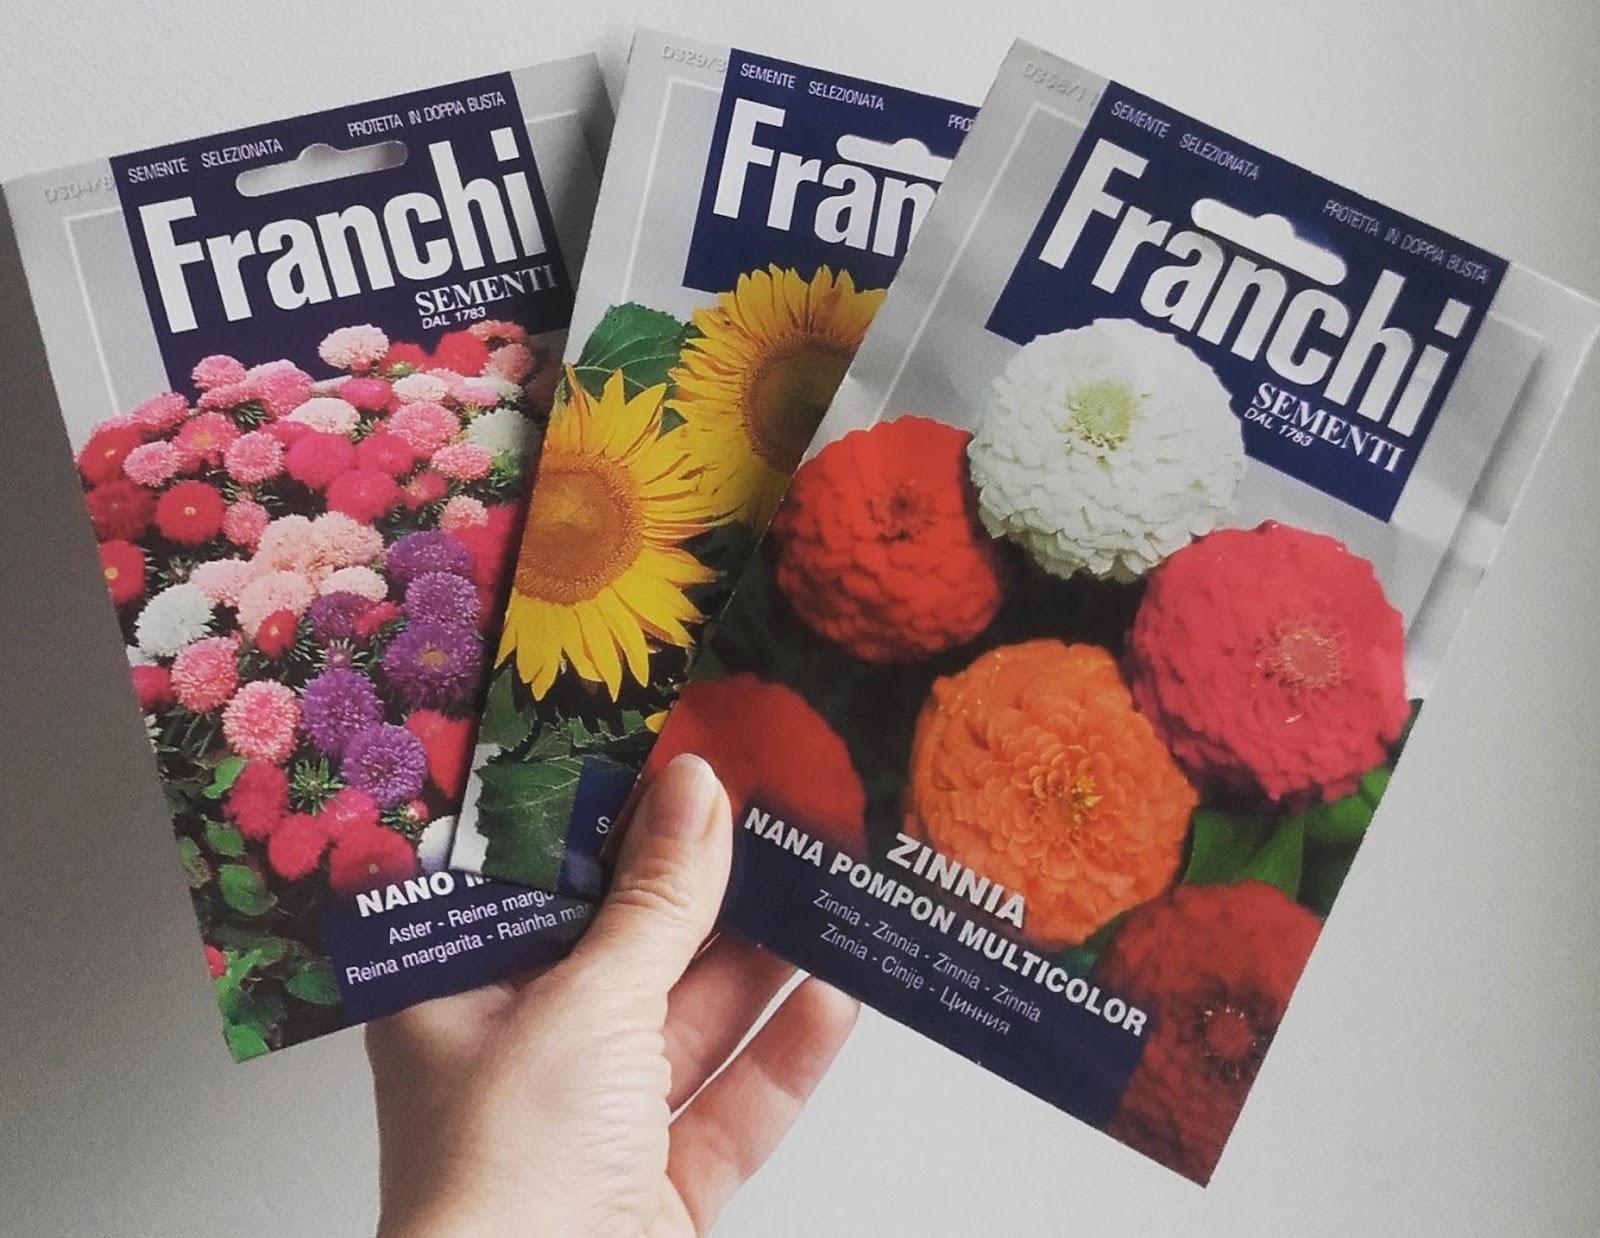 Quali Bulbi Piantare In Primavera pacchetti e confetti: semi e bulbi da piantare in primavera